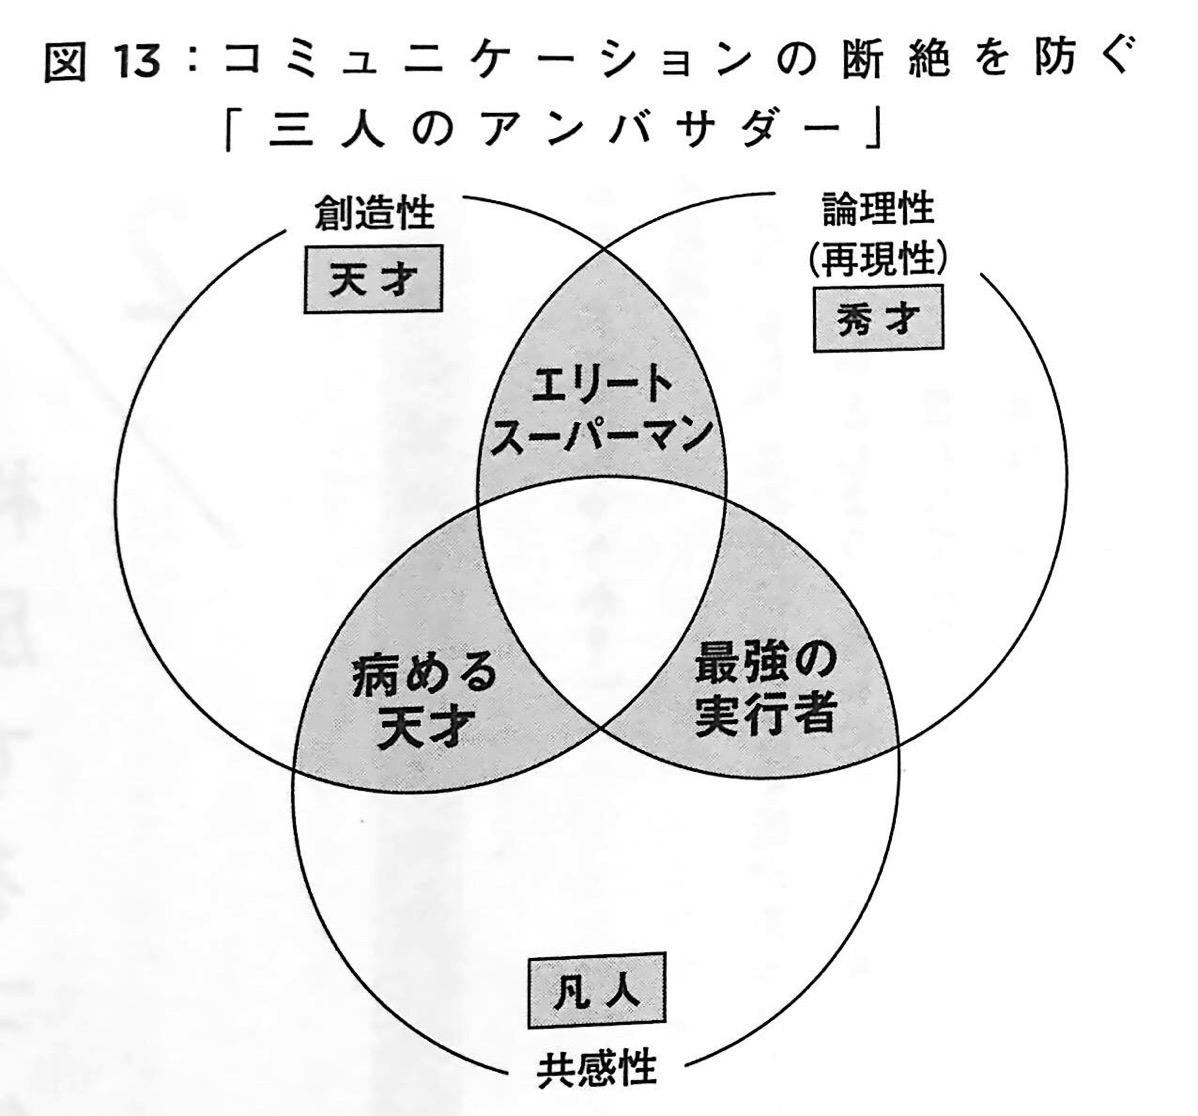 図13 コミュニケーションの断絶を防ぐ 三人のアンバサダー 天才を殺す凡人 ステージ2